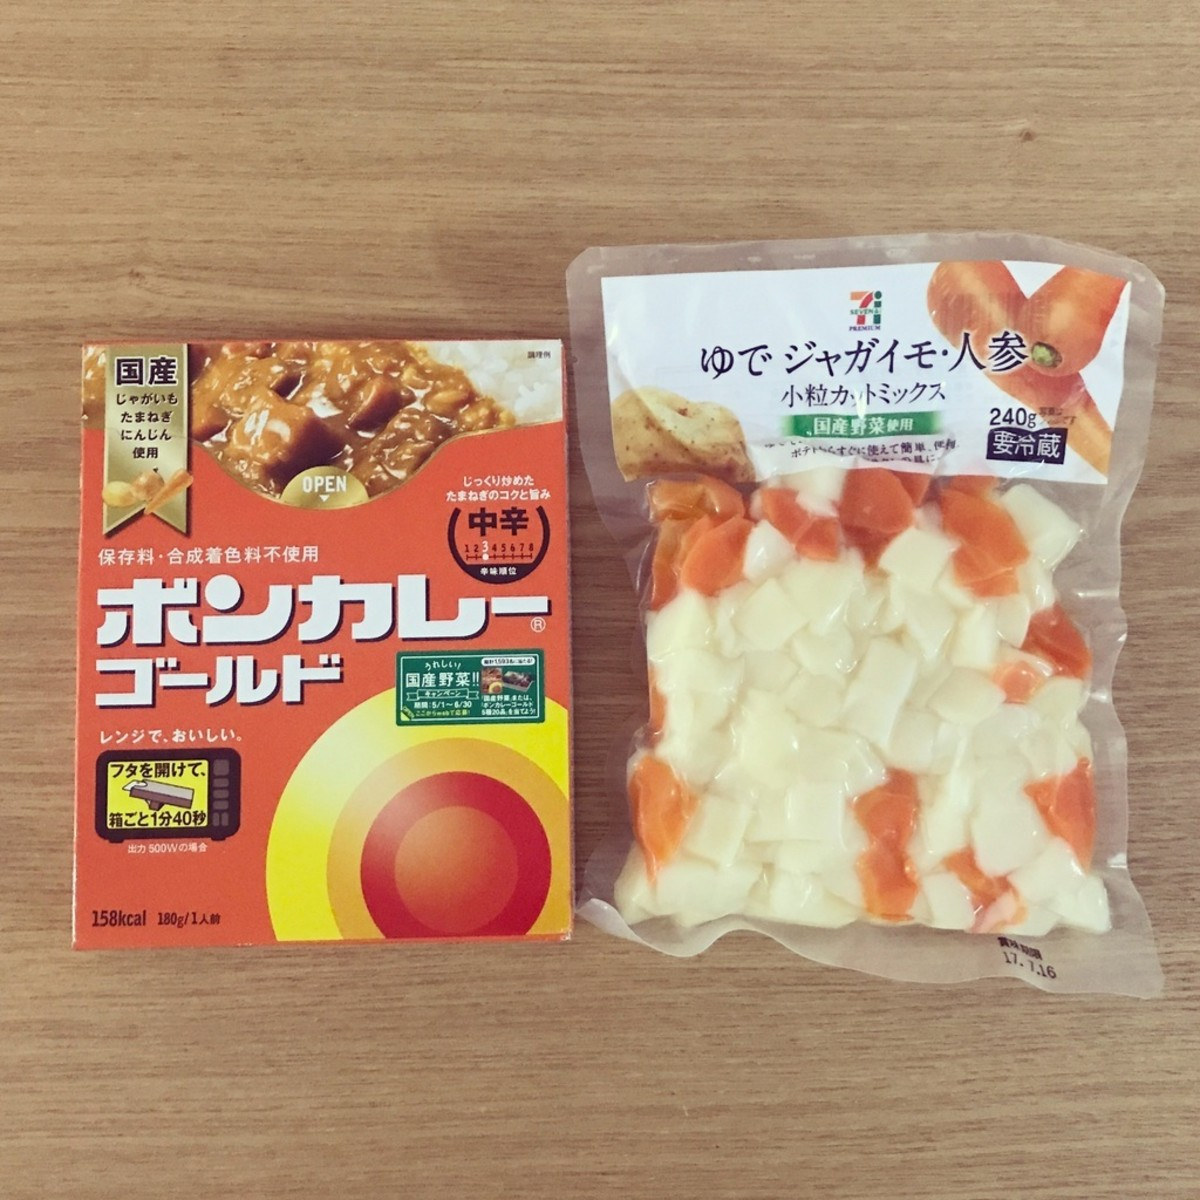 レトルトカレー&ゆで野菜の例(編集部にて撮影)